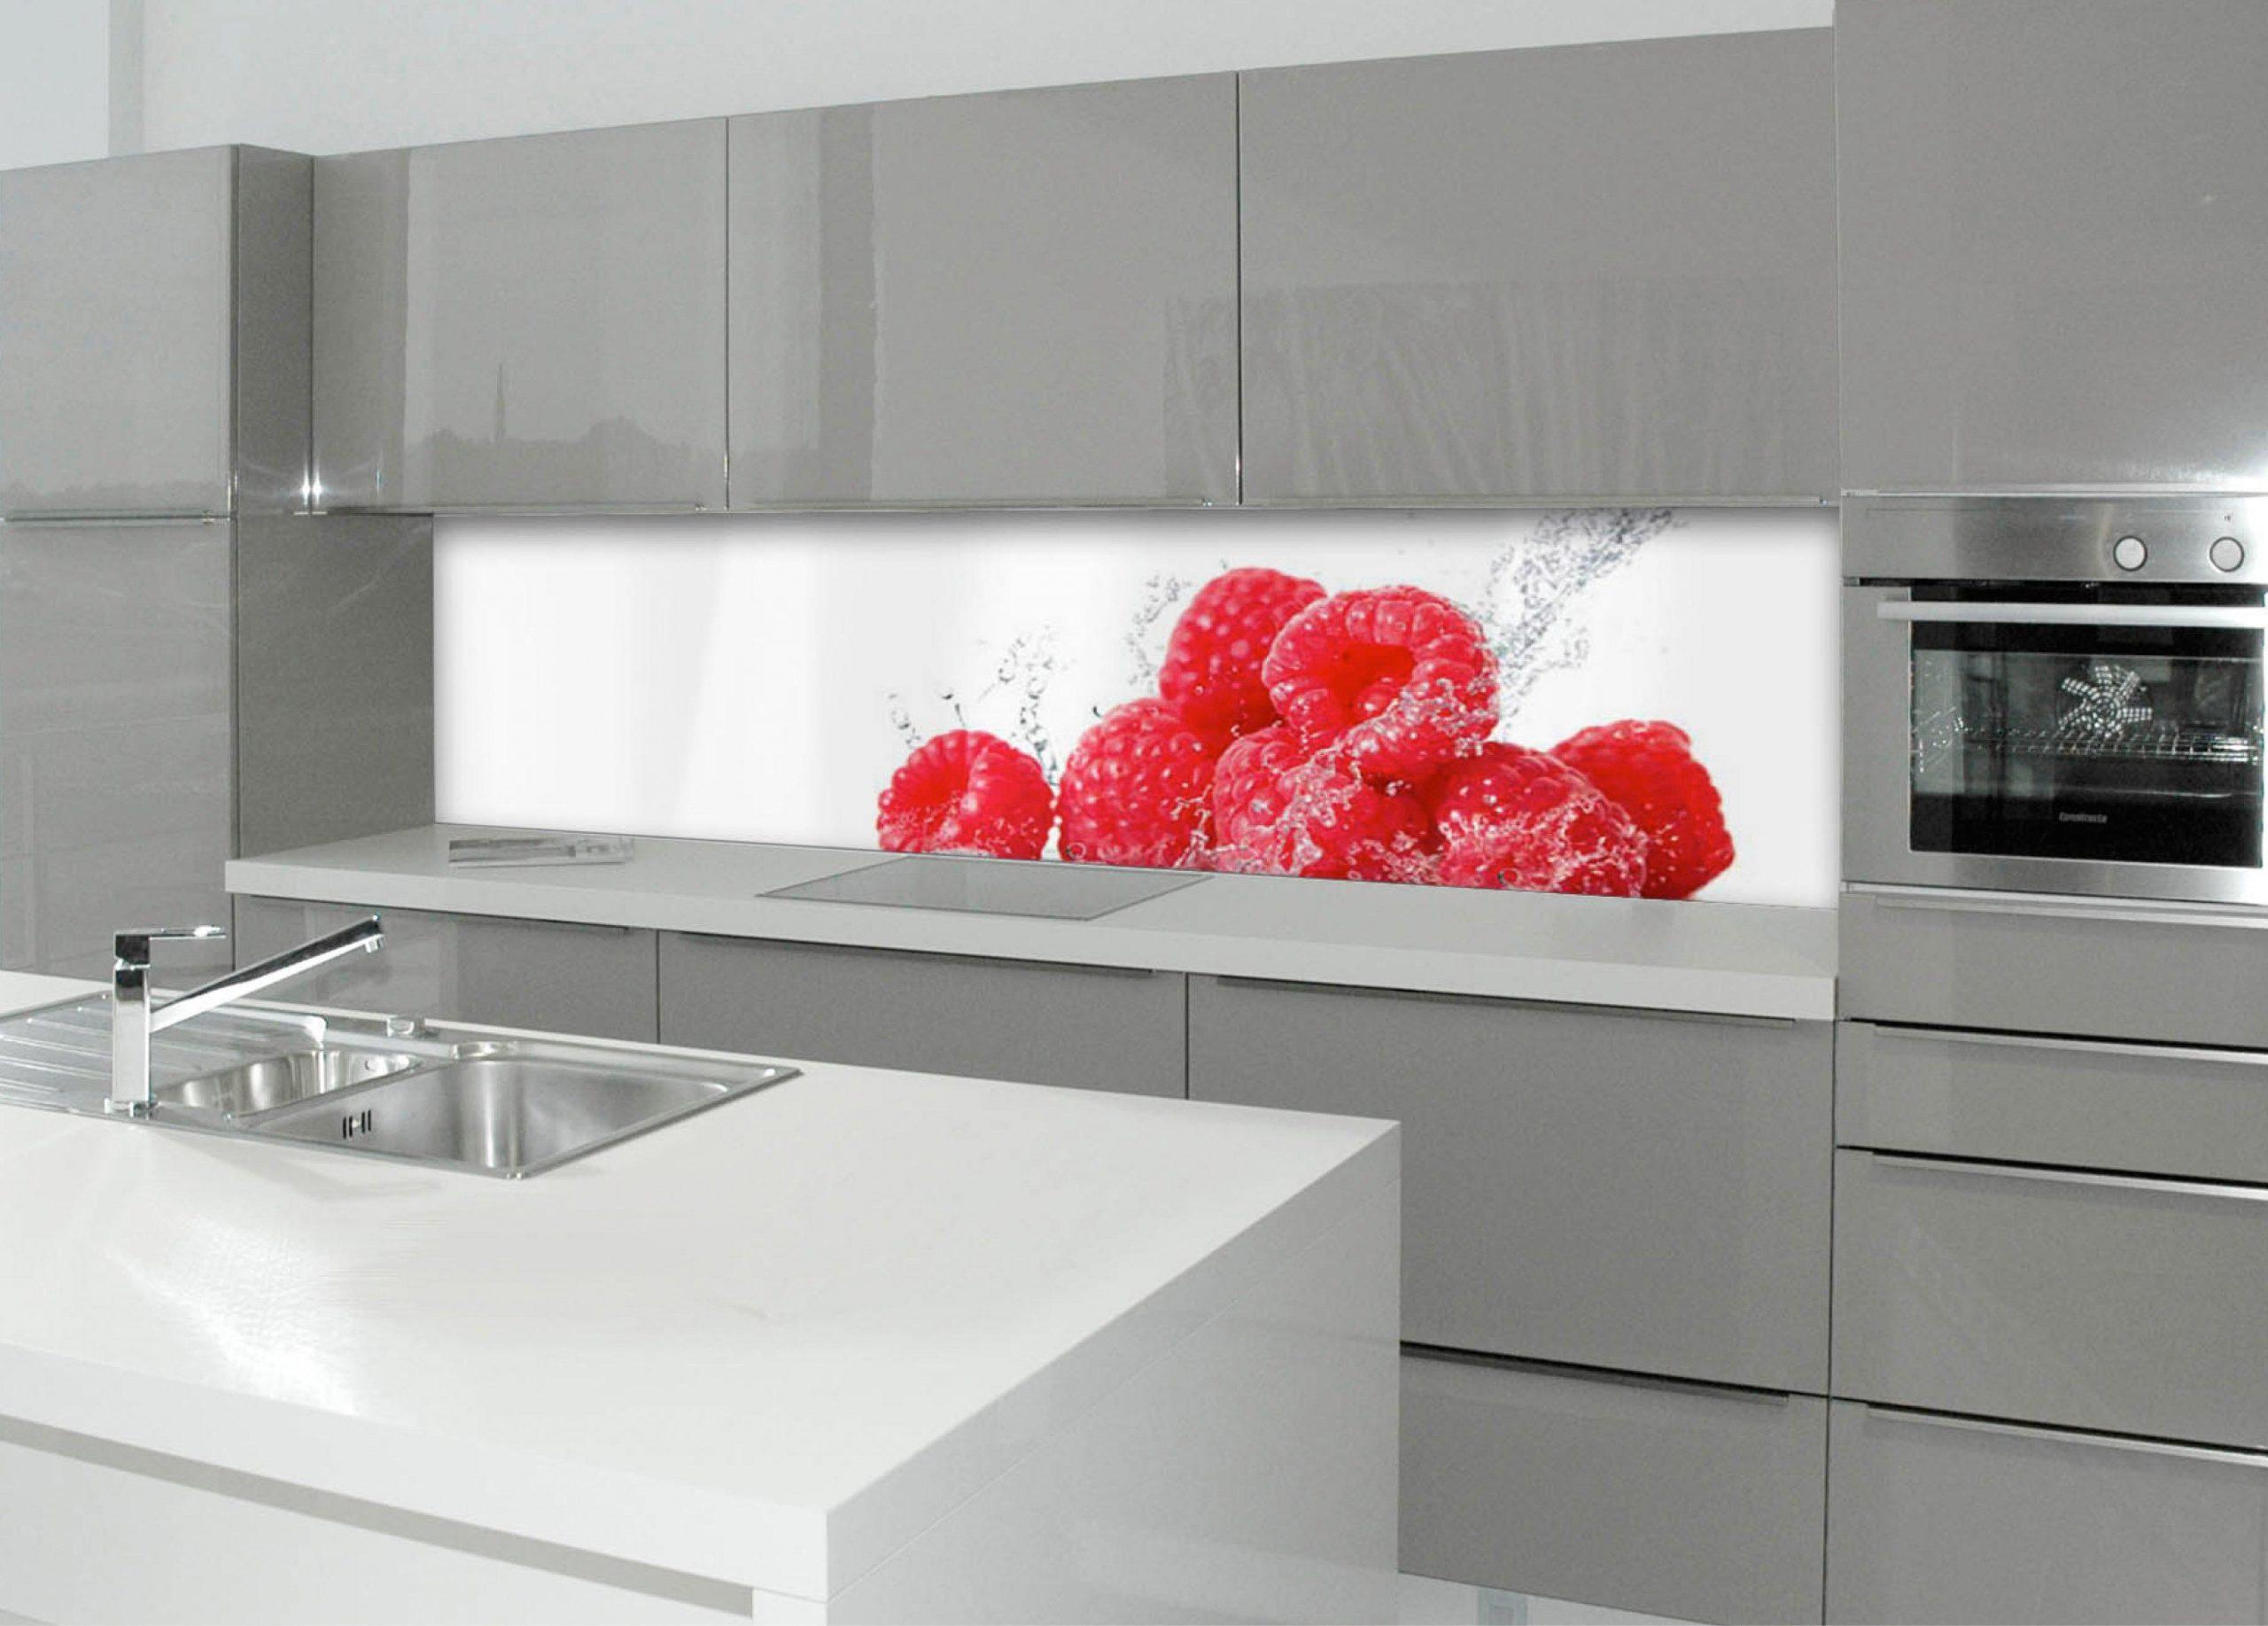 Full Size of Kchenrckwand Spritzschutz Profix Bad Renovieren Ideen Wohnzimmer Tapeten Wohnzimmer Küchenrückwand Ideen